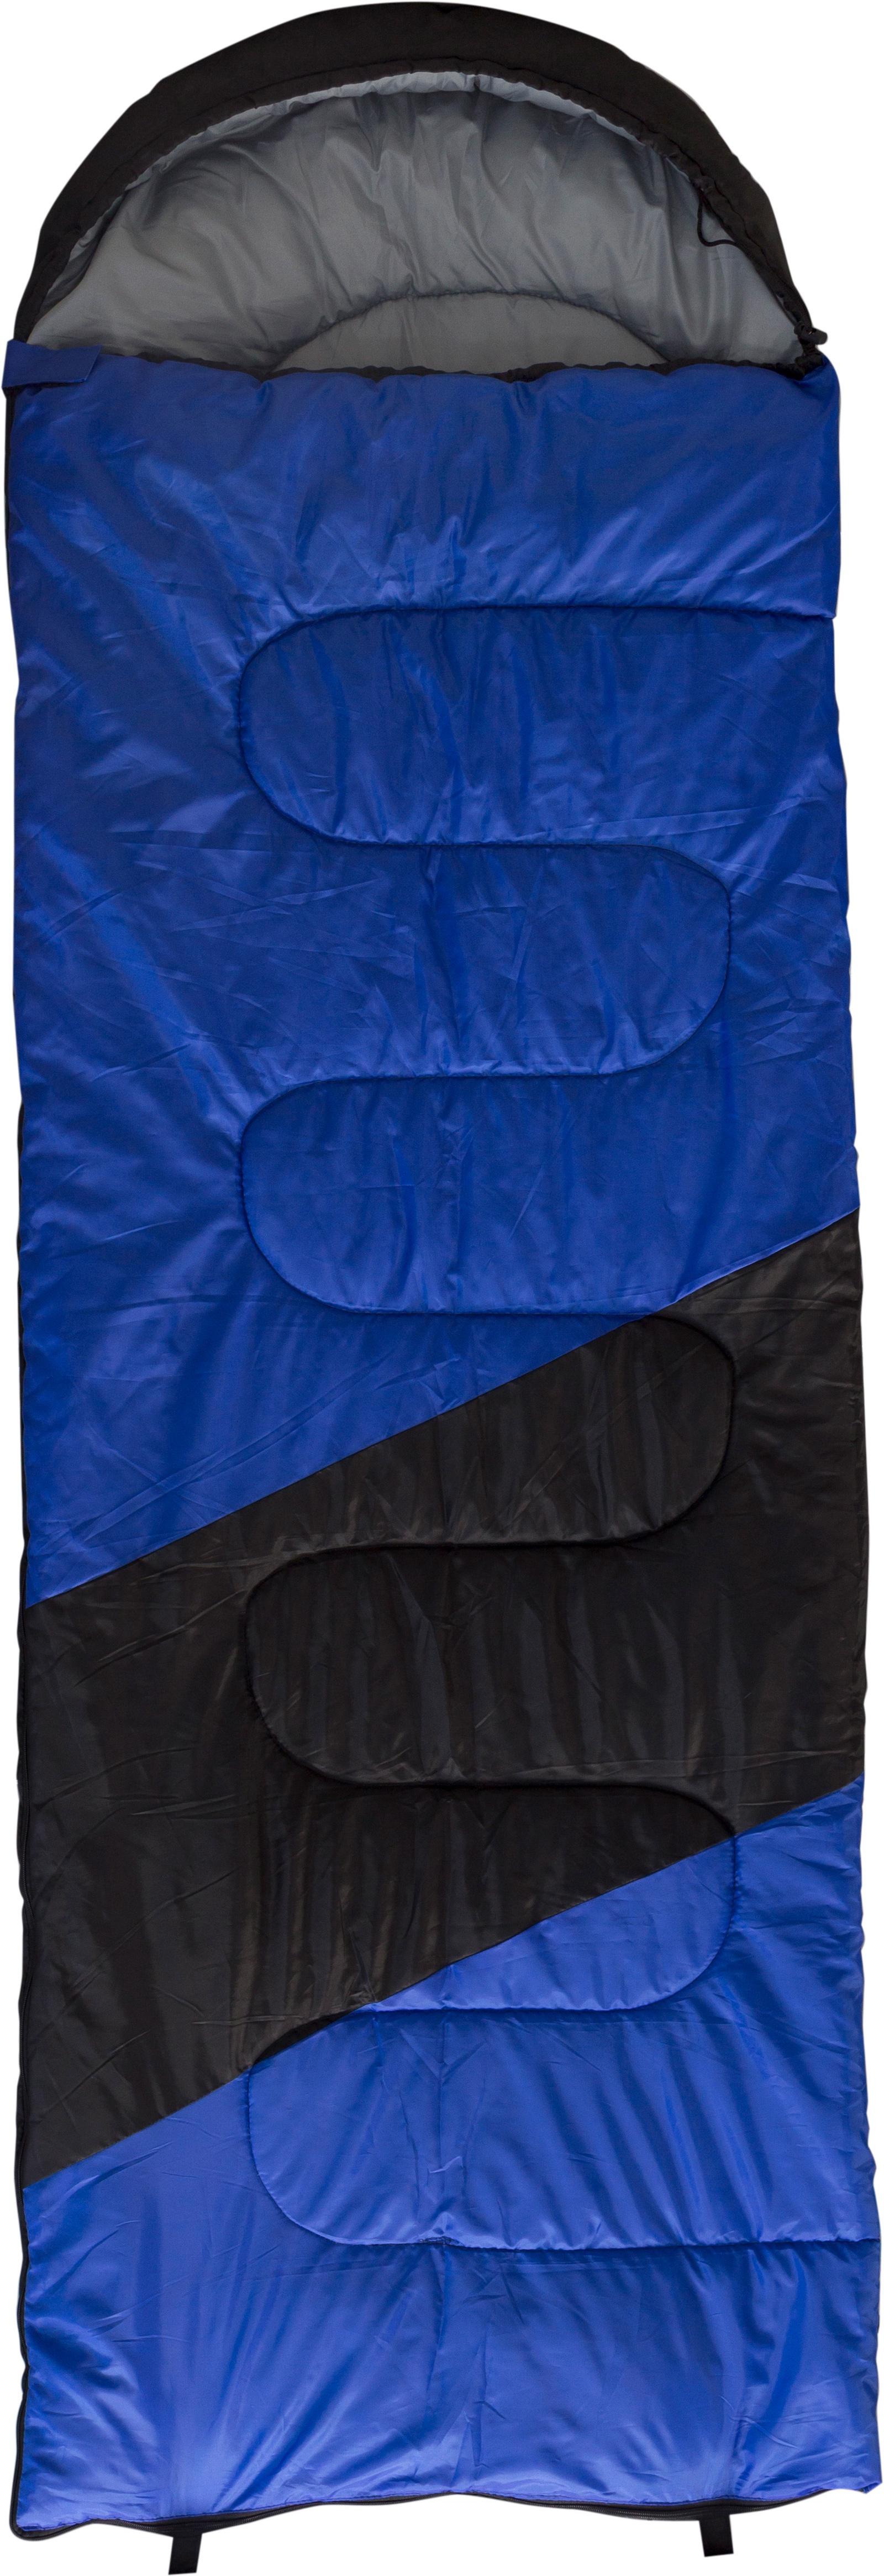 Спальный мешок Ecos US-002, синий